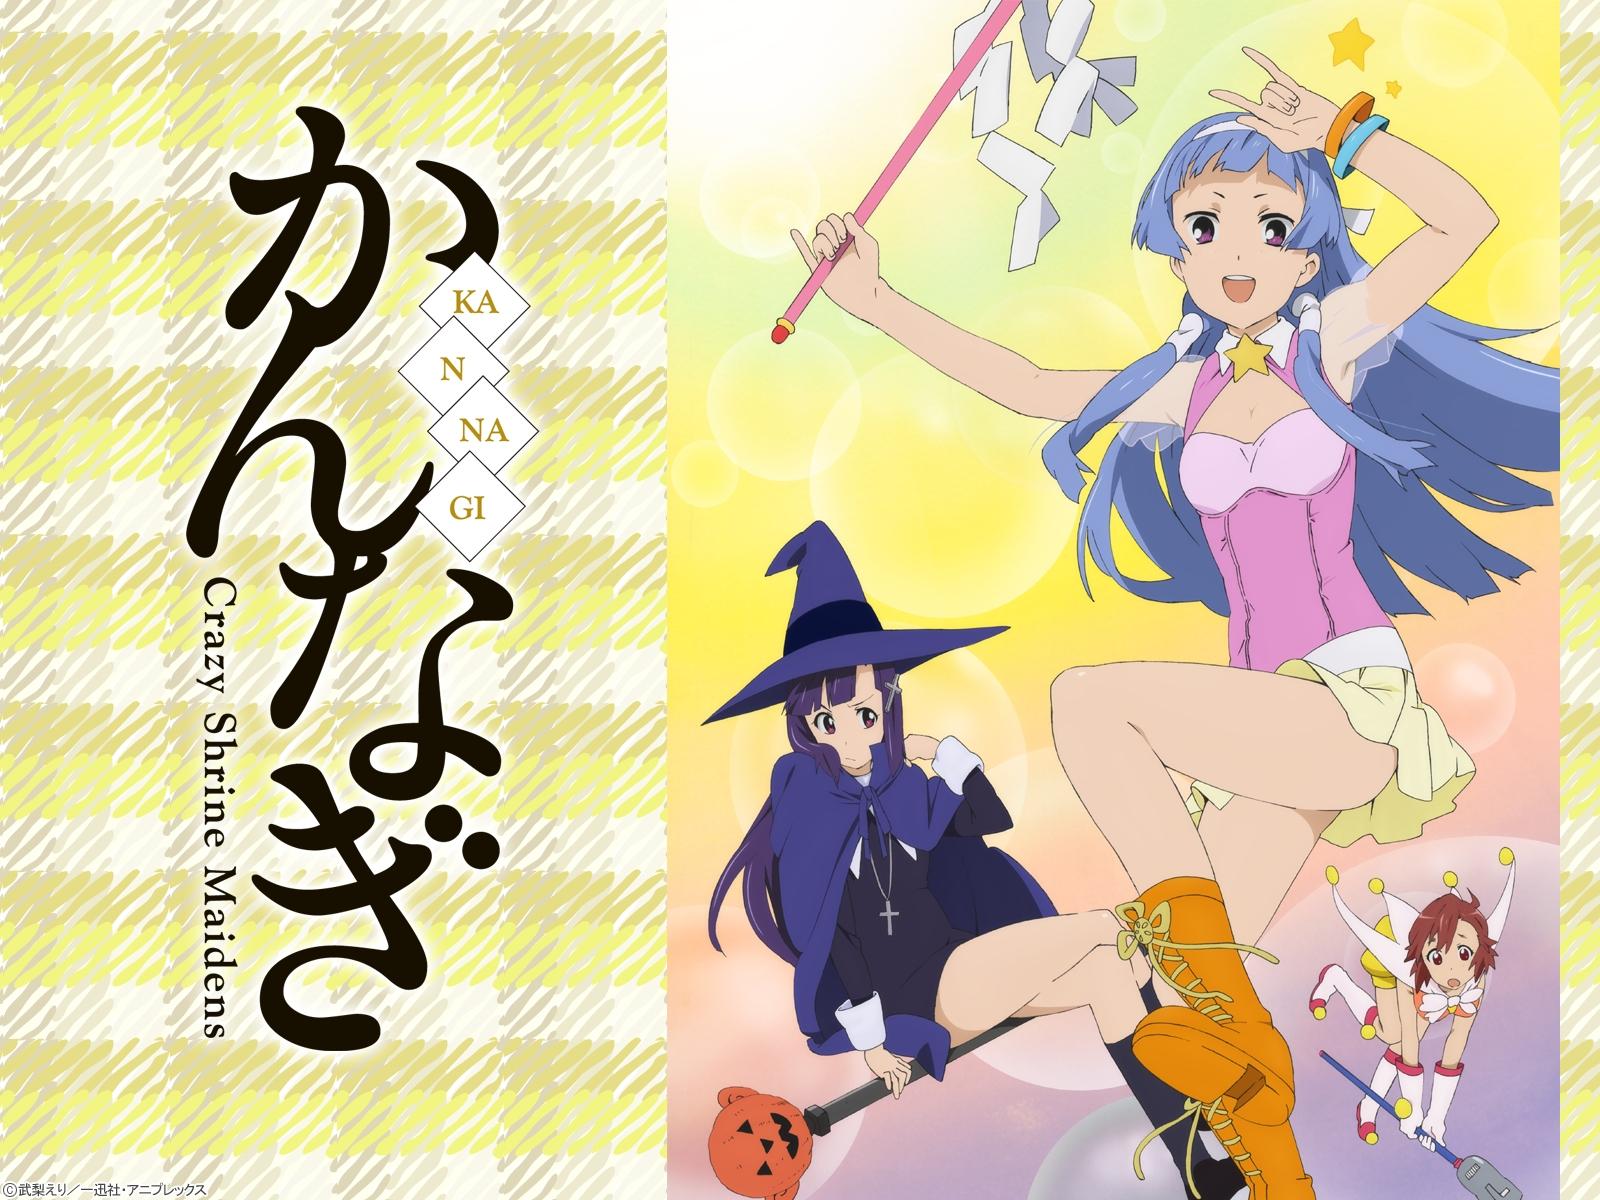 aoba_tsugumi kannagi_crazy_shrine_maidens nagi zange